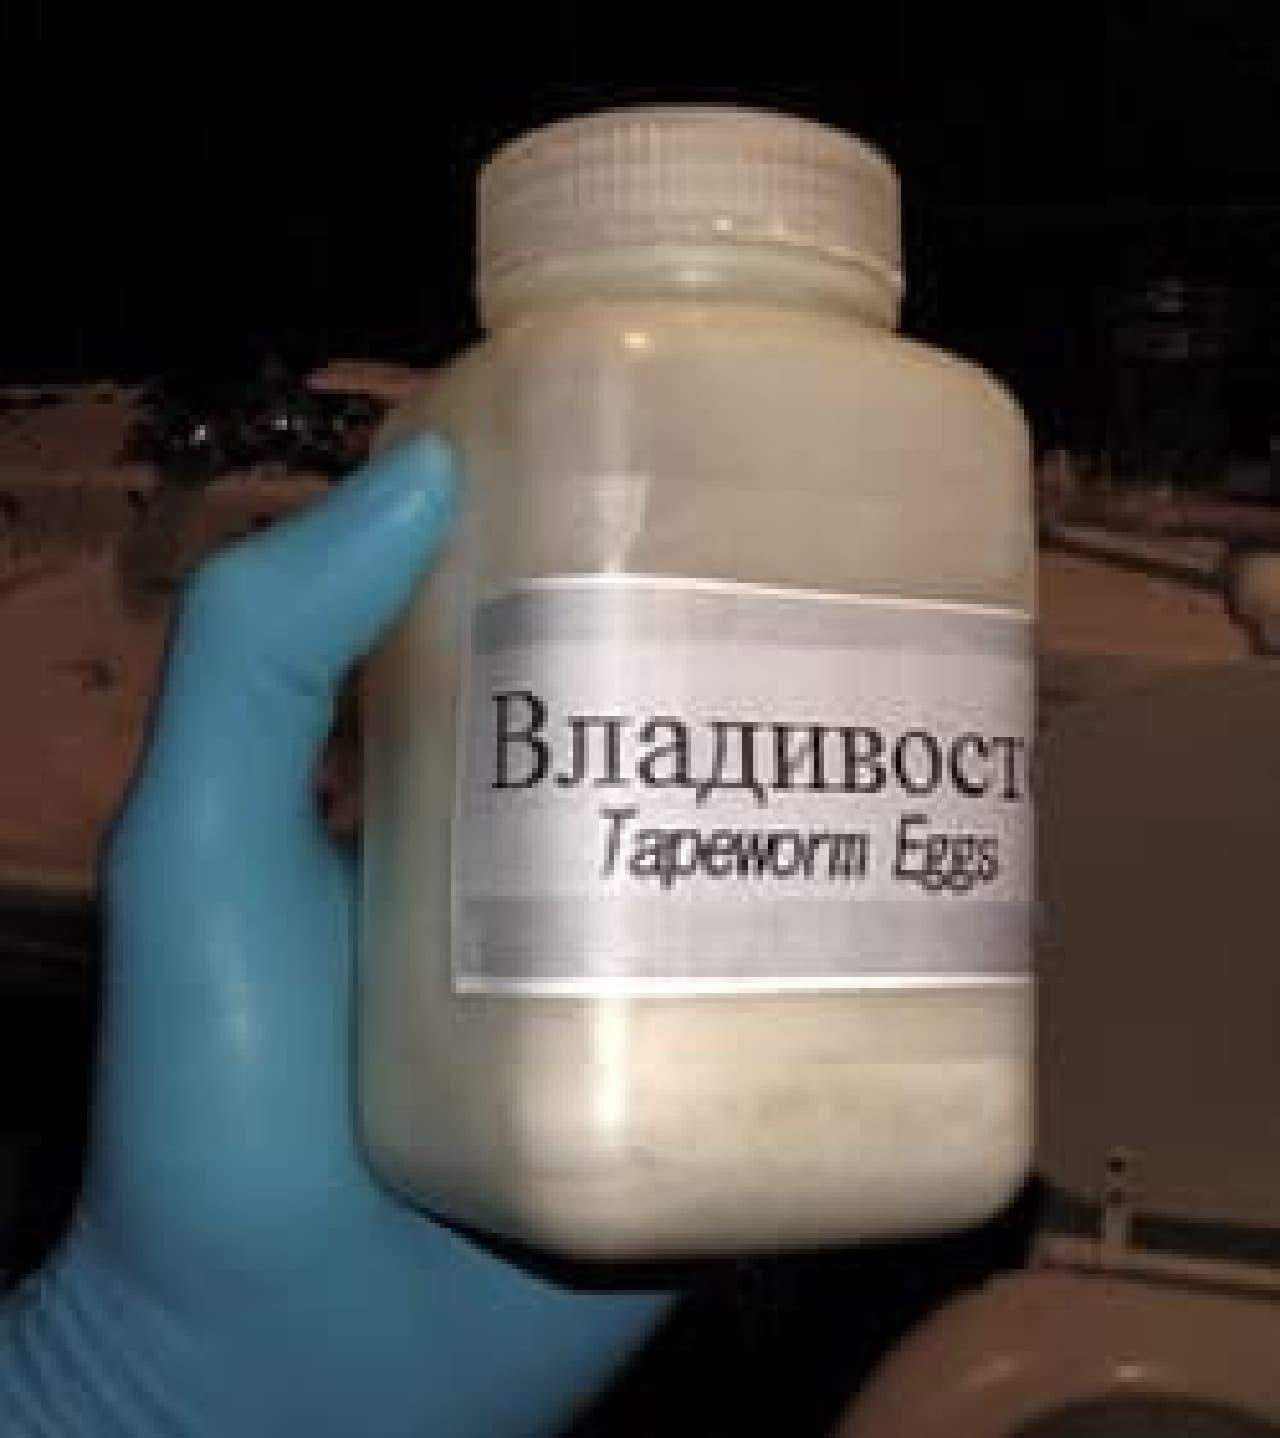 「tapewormeeggs.com」が販売しているサナダムシの卵  サイトには、「簡単に体重を落とせます」とある